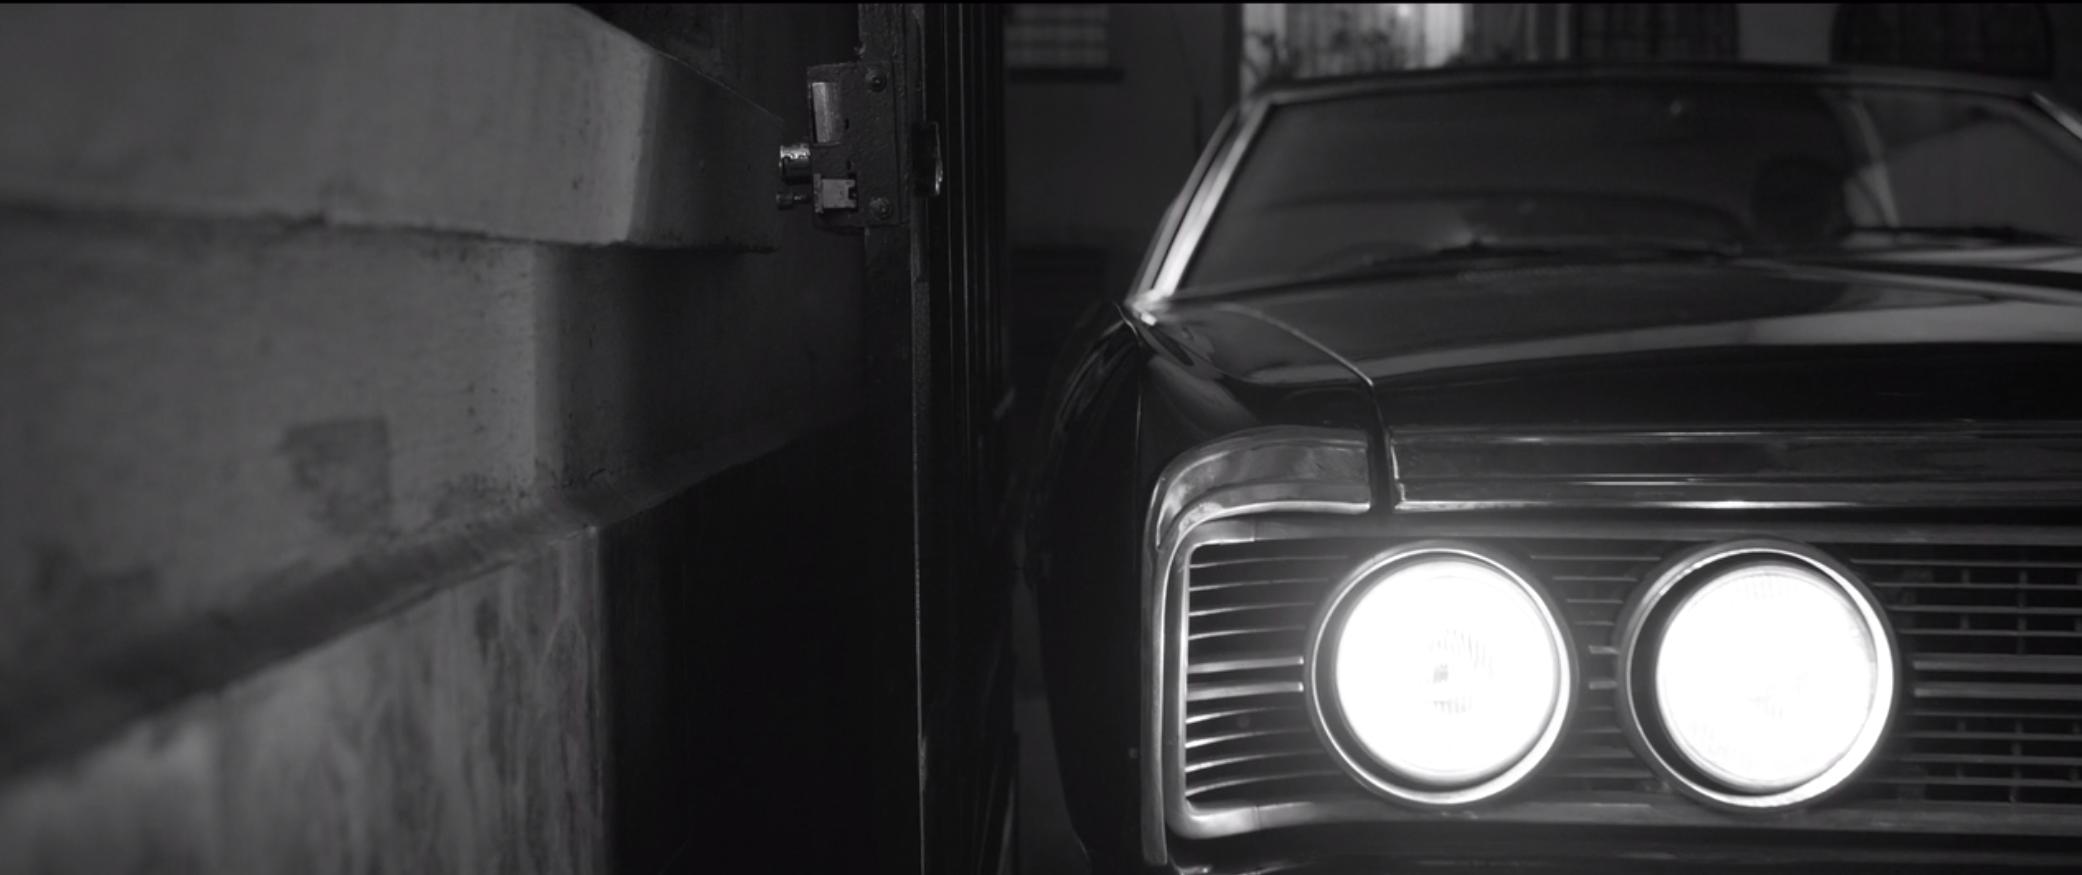 ผลการค้นหารูปภาพสำหรับ roma film scenes car